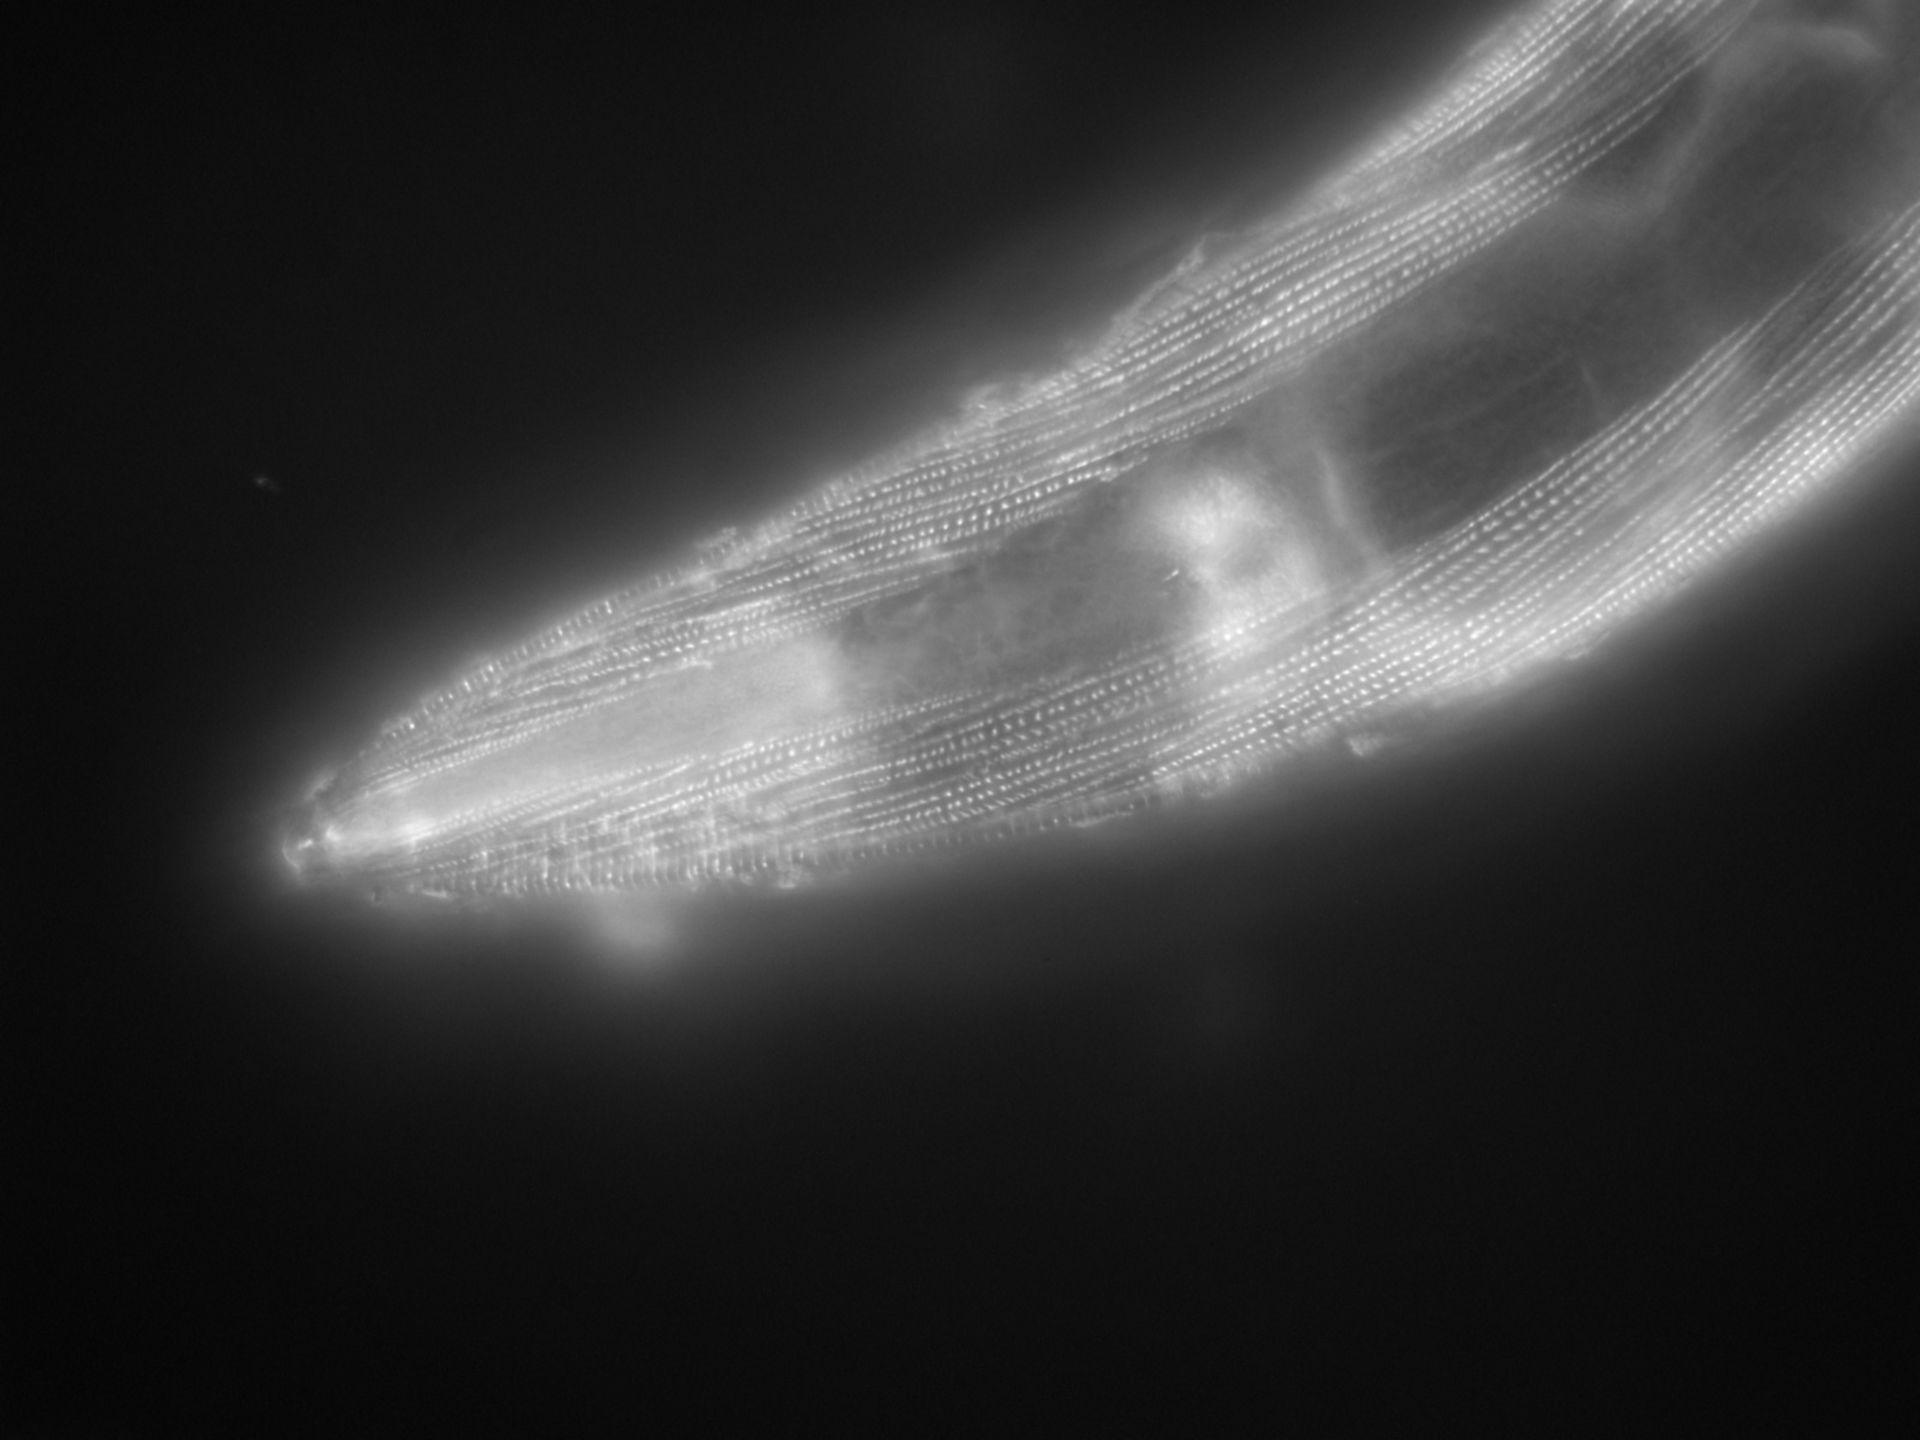 Caenorhabditis elegans (Actin filament) - CIL:1196